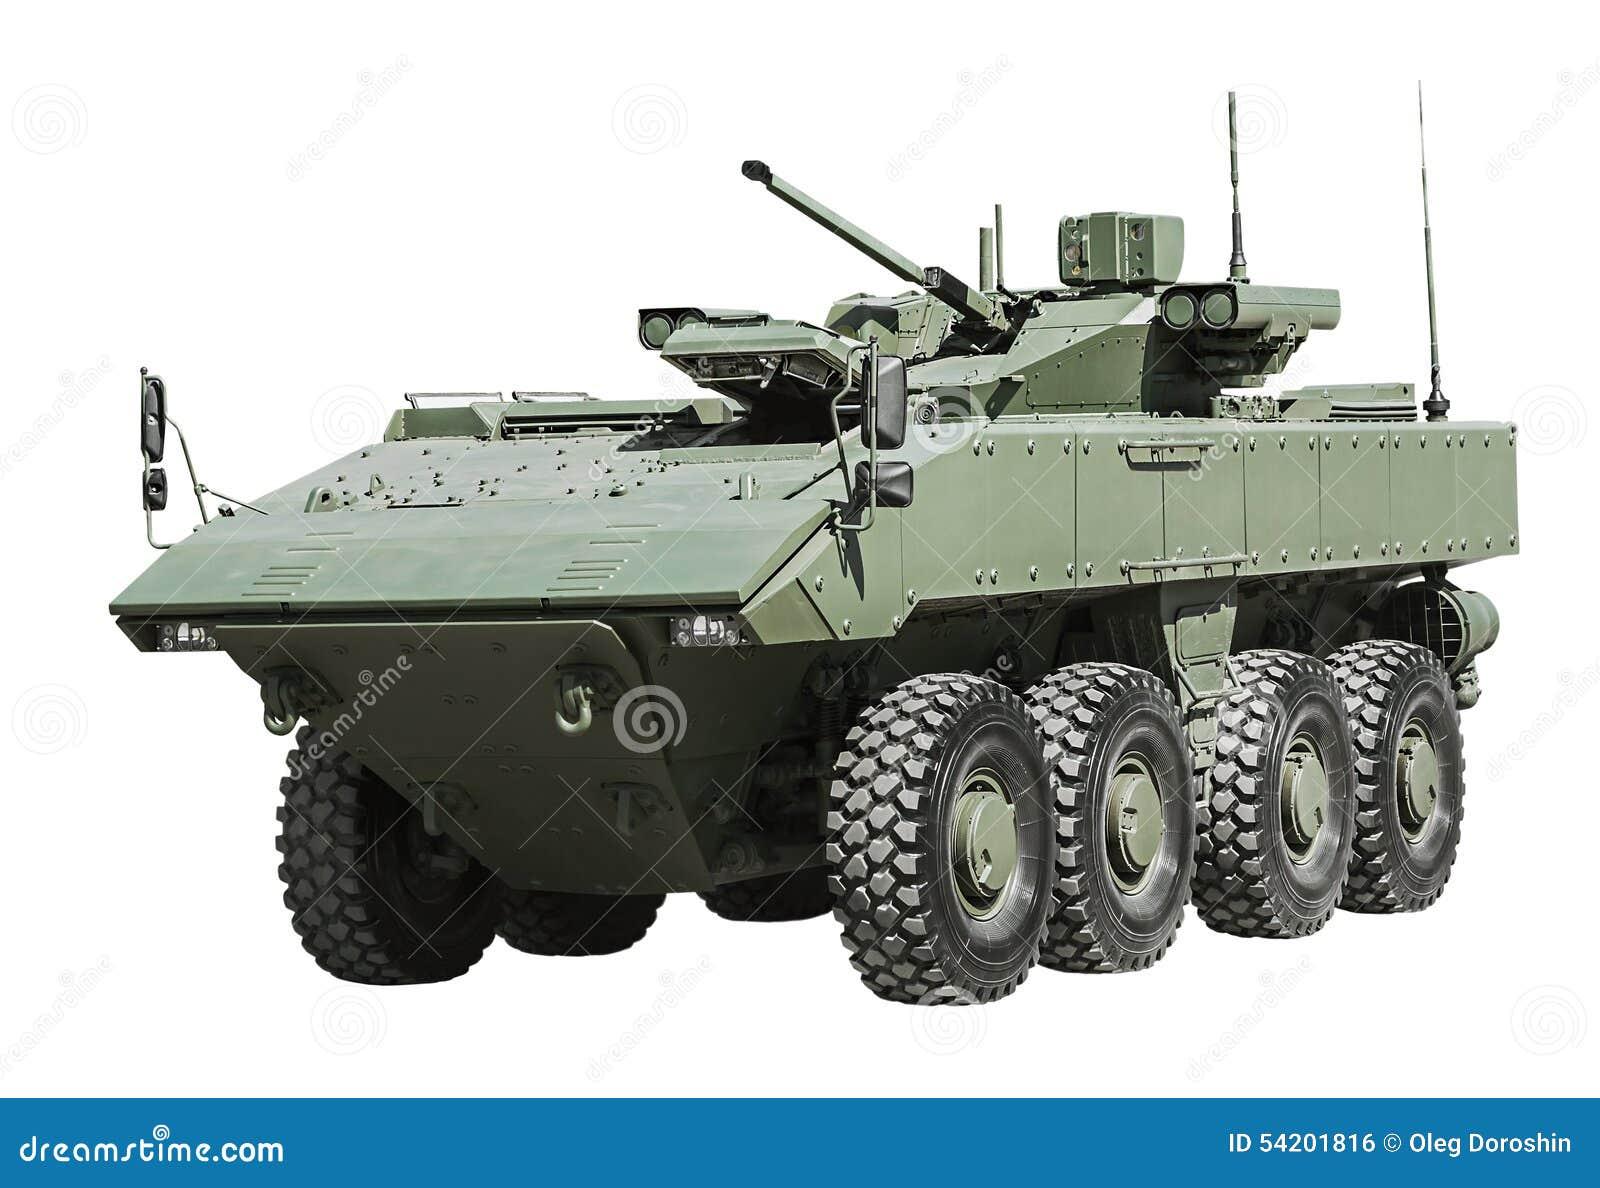 char d 39 assaut sur une bataille unifi e de plate forme d 39 isolement photo stock image 54201816. Black Bedroom Furniture Sets. Home Design Ideas